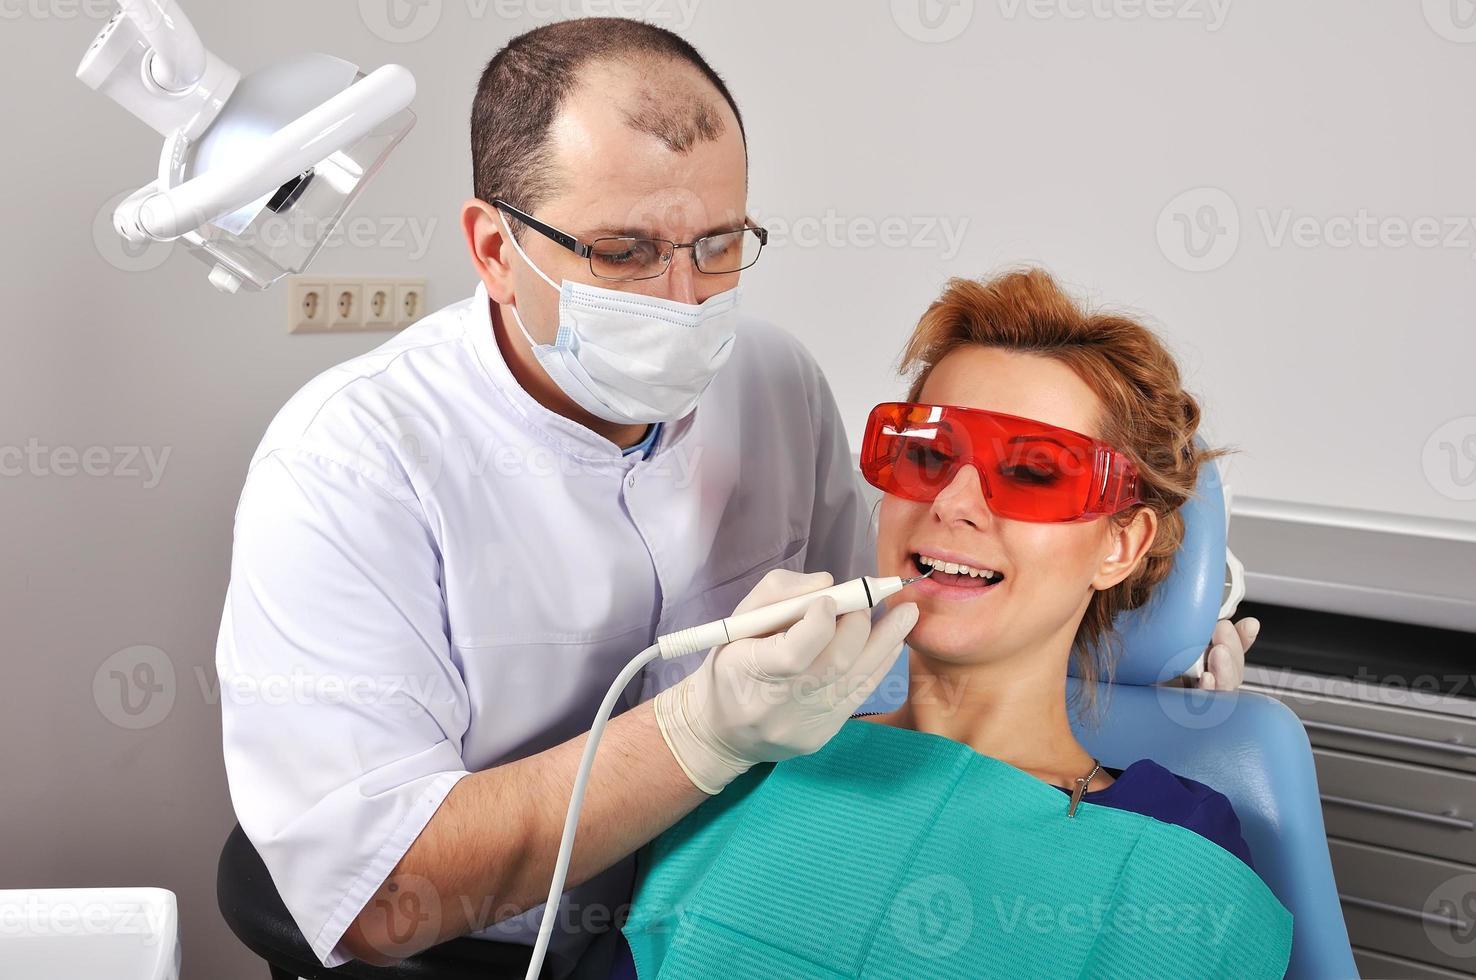 limpia los dientes foto